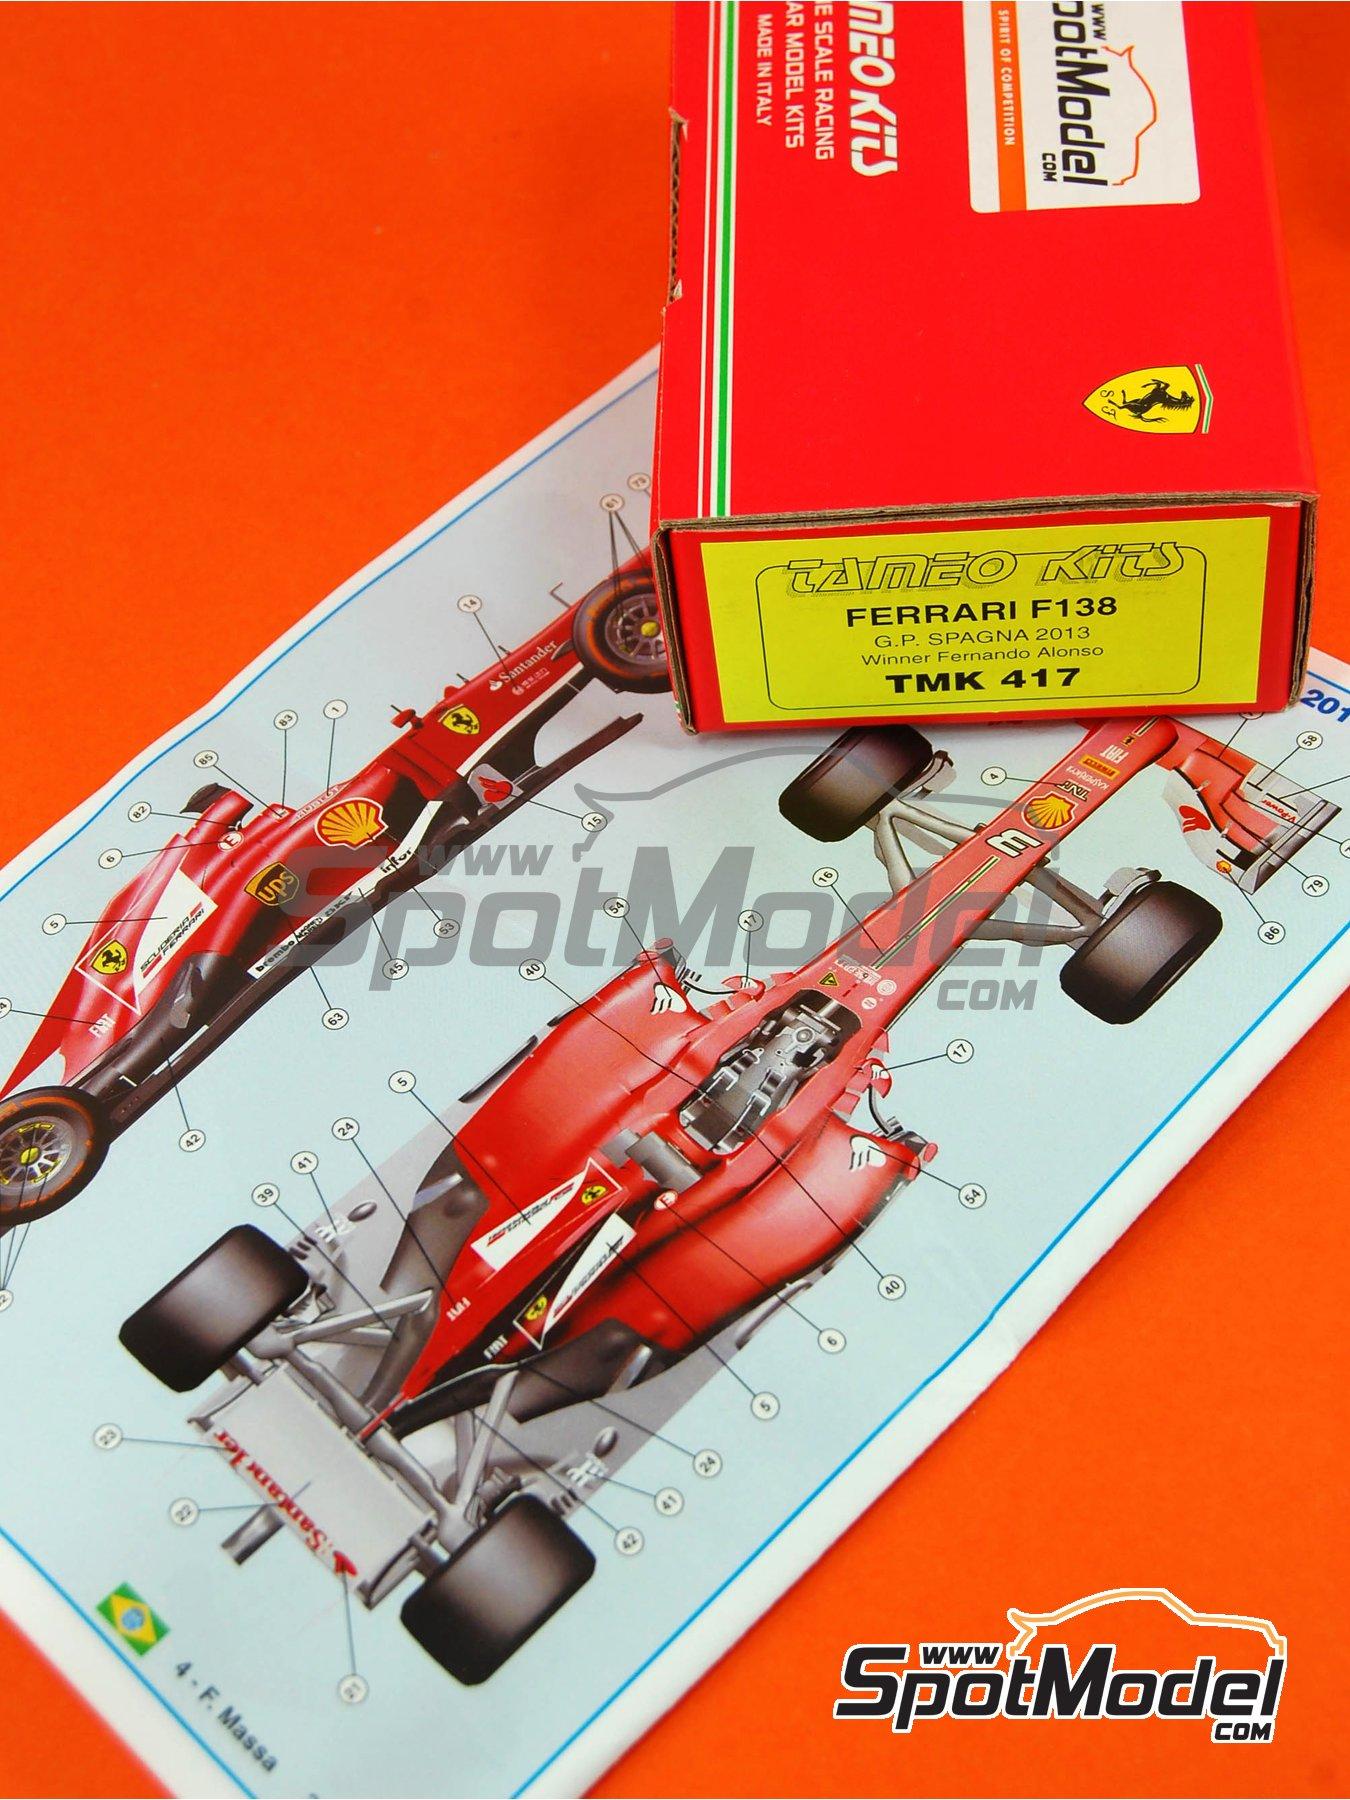 Ferrari F138 F2013 Banco Santander - Gran Premio de Fórmula 1 de España 2013 | Maqueta de coche en escala1/43 fabricado por Tameo Kits (ref.TMK417) image